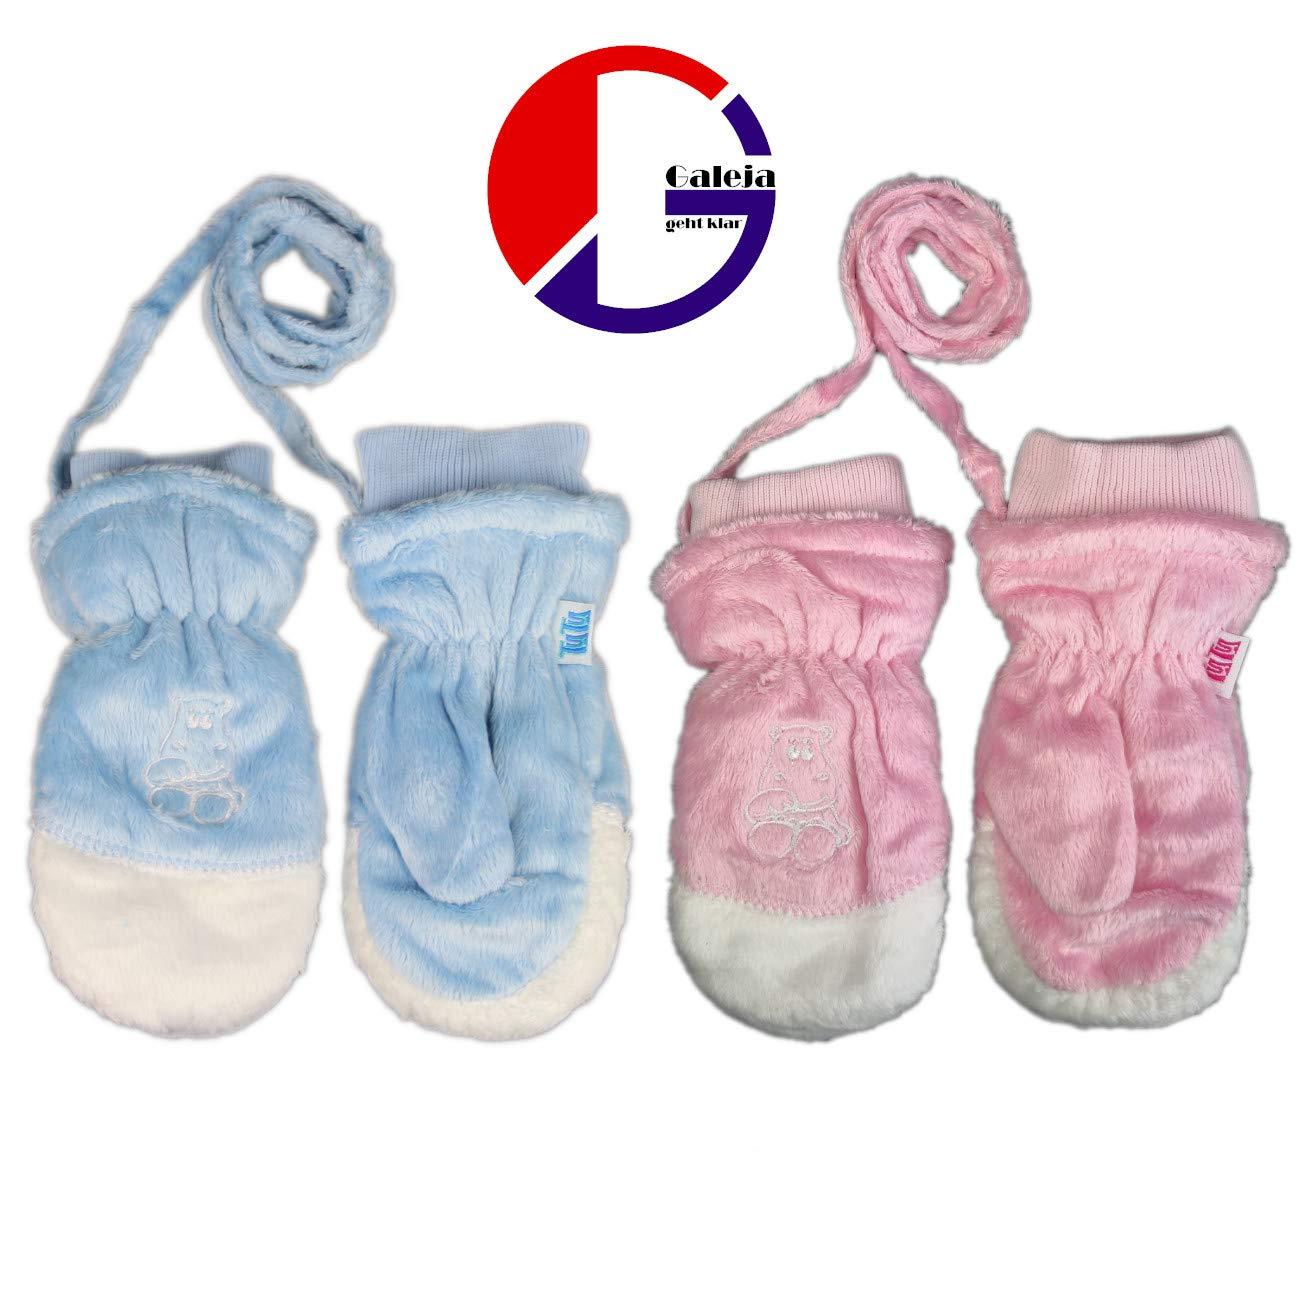 Galeja TuTu Handschuhe Kinder Fausthandschuhe Jungen M/ädchen F/äustlinge 2-4 Jahre Futter Baumwolle